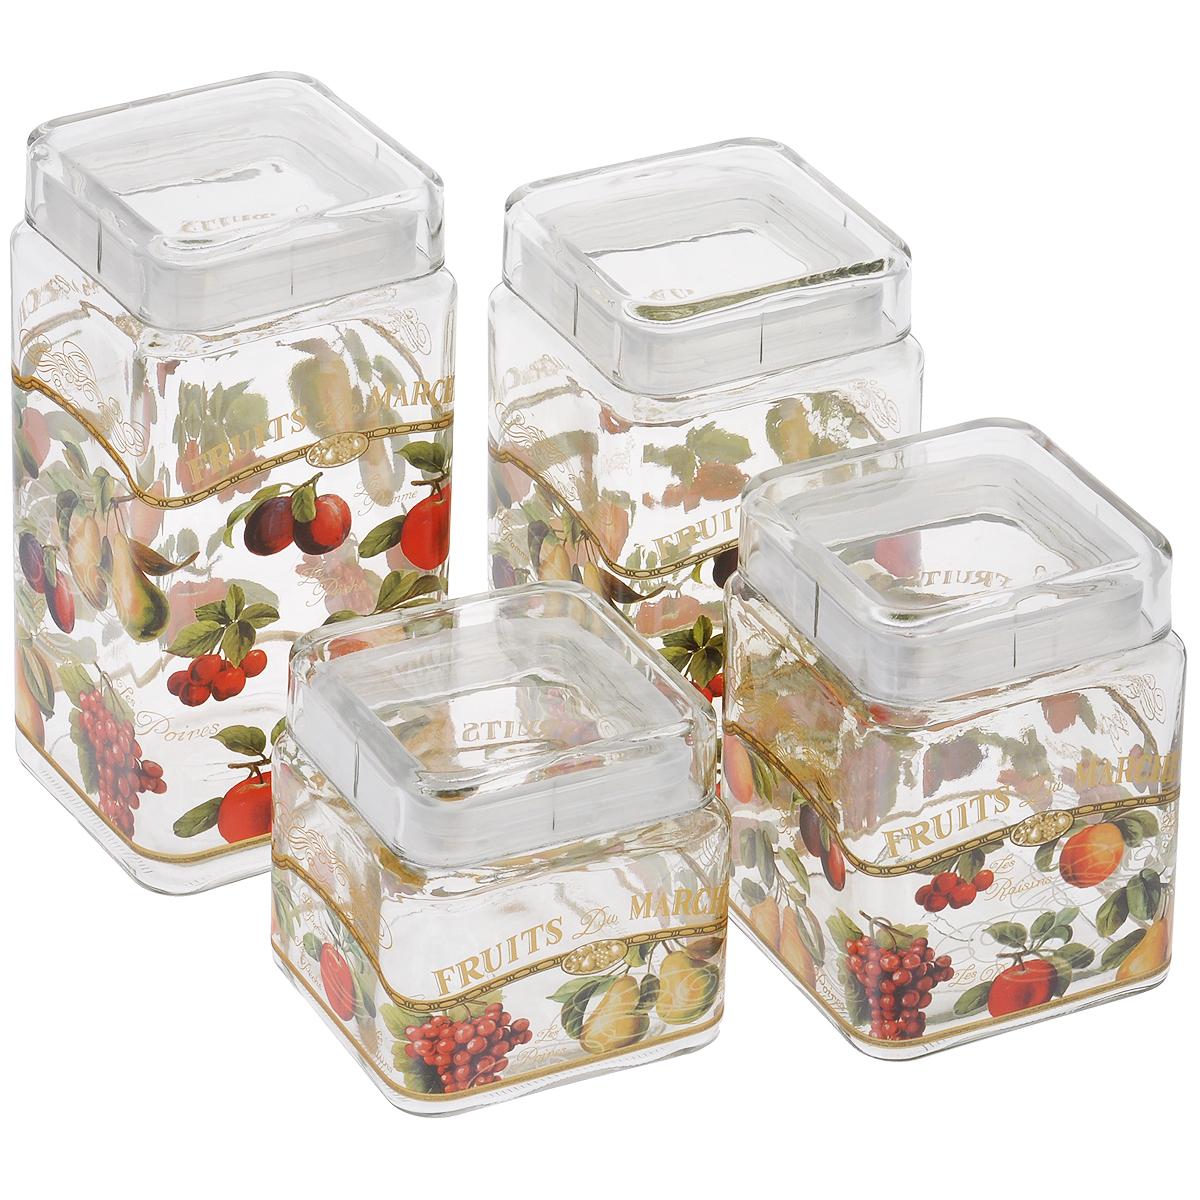 Набор банок для сыпучих продуктов Sinoglass Фрукты, 4 штFD 992Набор Sinoglass Фрукты состоит из четырех банок разного объема, предназначенных для хранения сыпучих продуктов. Изделия выполнены из высококачественного стекла и украшены изображением фруктов. Герметичные крышки с силиконовыми прослойками дольше сохраняют продукты свежими и сухими. Банки идеальны для хранения круп, макарон, чая, кофе, сахара, орехов и других сыпучих продуктов. Благодаря прозрачным стенкам, можно видеть содержимое банок. Такой набор стильно дополнит интерьер кухни и станет незаменимым помощником в приготовлении ваших любимых блюд.Высота банок: 11 см; 15 см; 19 см; 23 см.Размер основания банок: 11 см х 11 см.Объем банок: 2.1 л, 1.68 л, 1.24 л, 0.8 л.